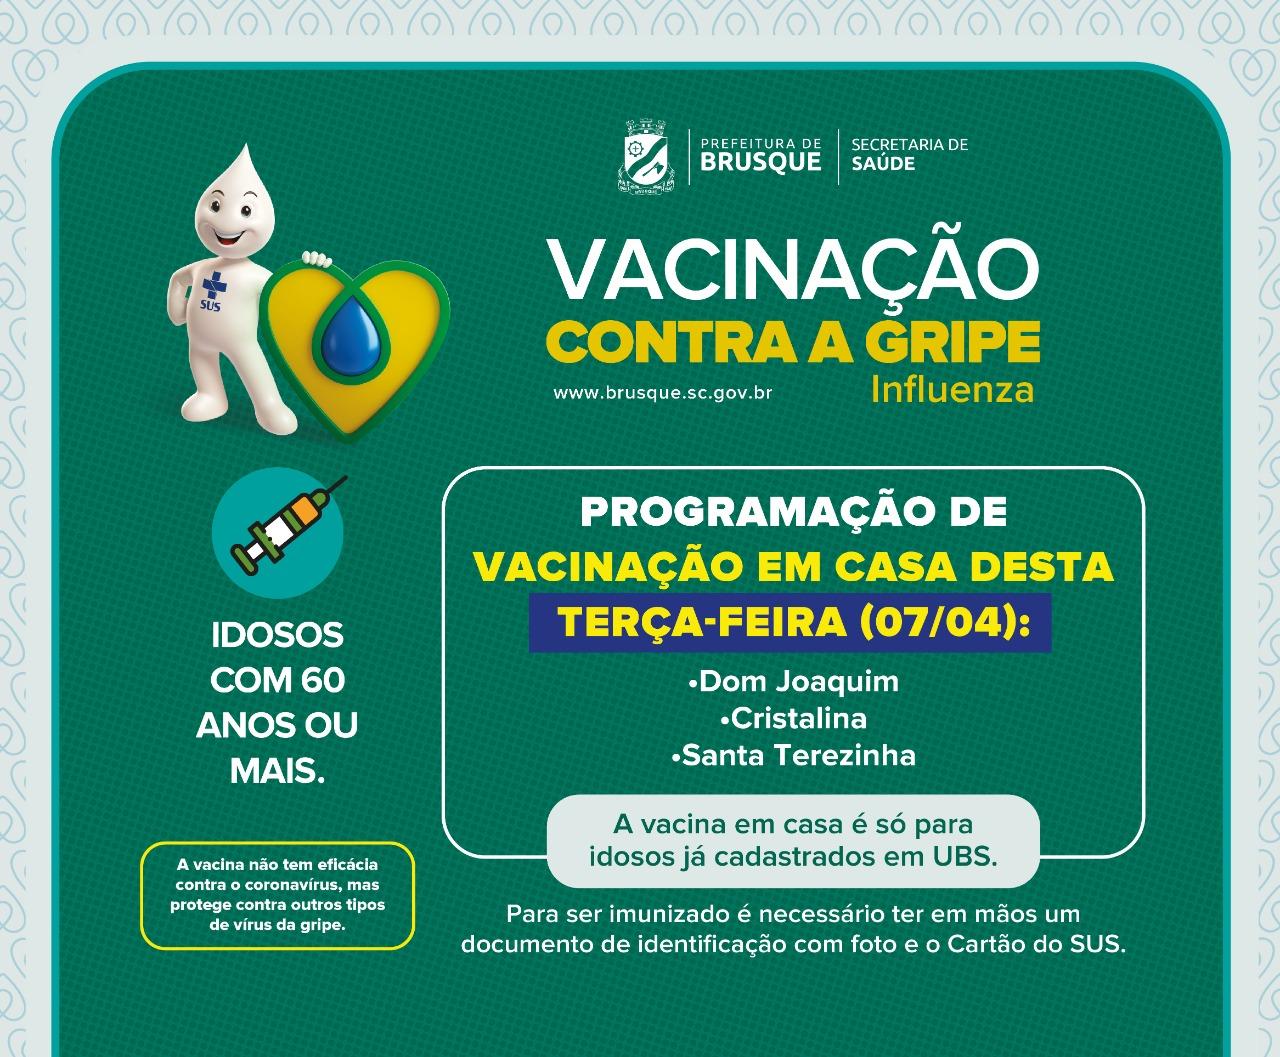 Cristalina, Dom Joaquim e Santa Terezinha recebem equipes para vacinação em domicílio